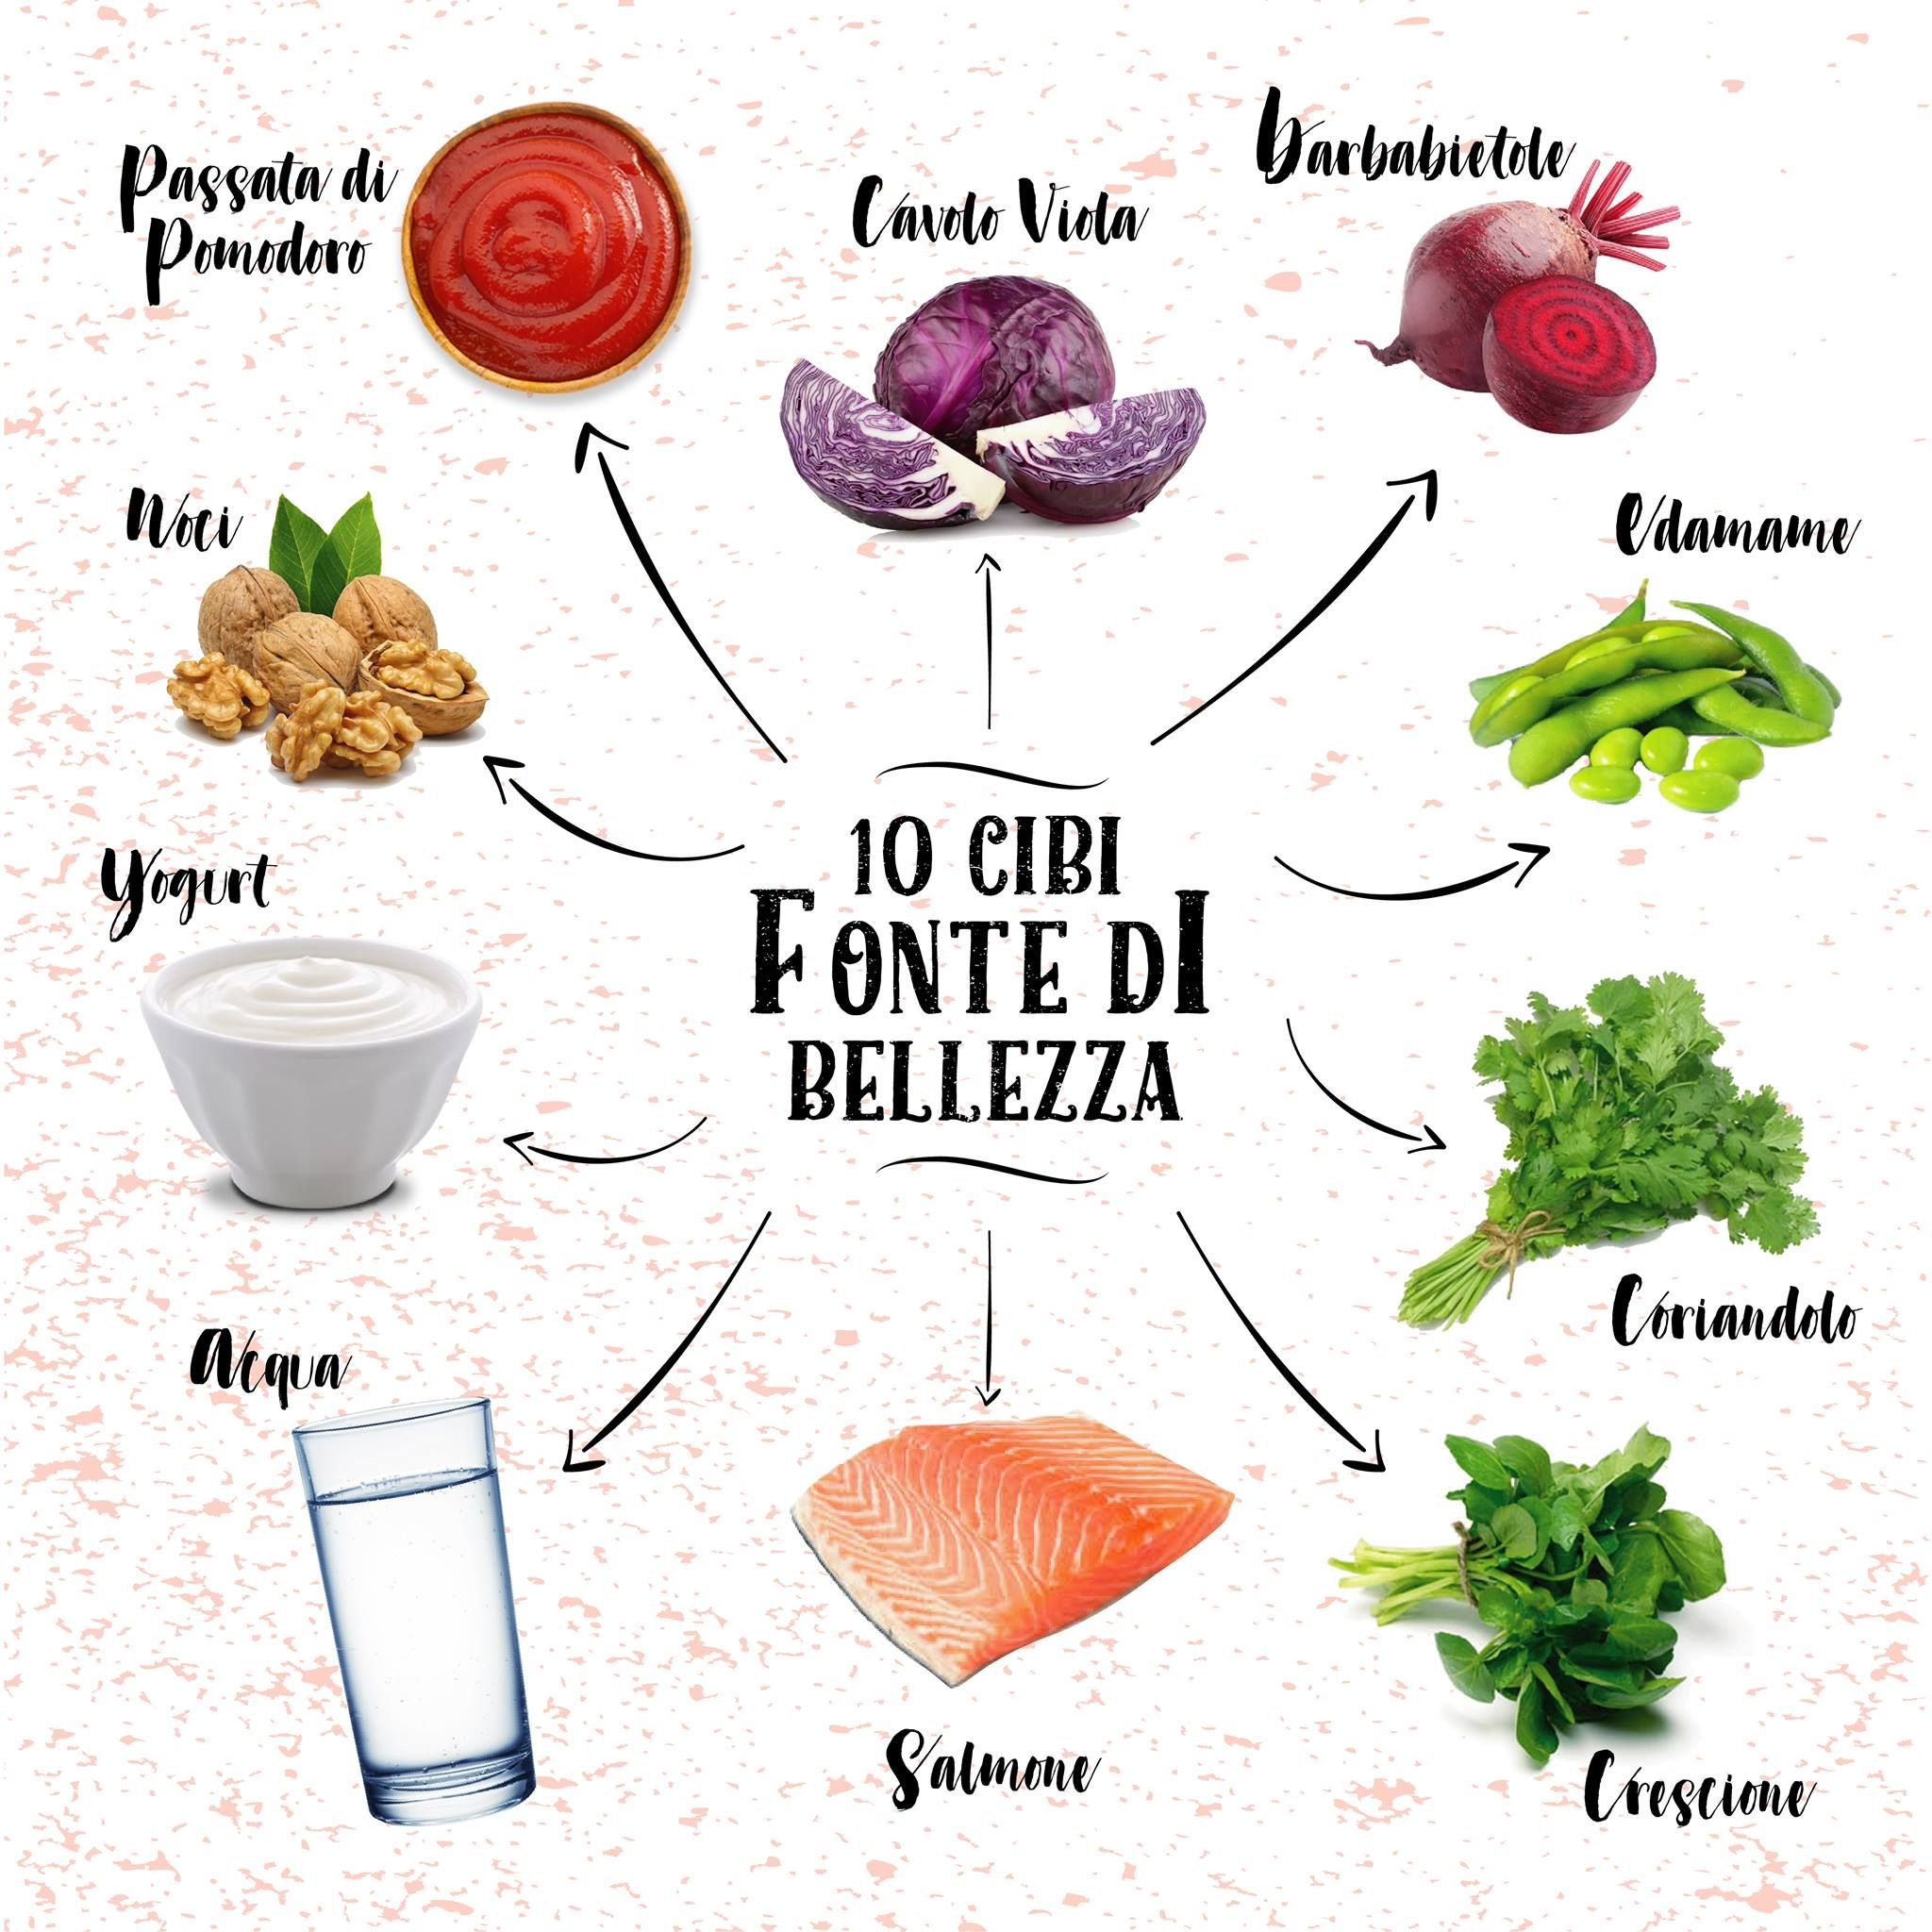 Abitudini Alimentari Per Una Pelle Perfetta Ricette Per Mangiare Sano Idee Per Mangiare Sano Consigli Per La Dieta